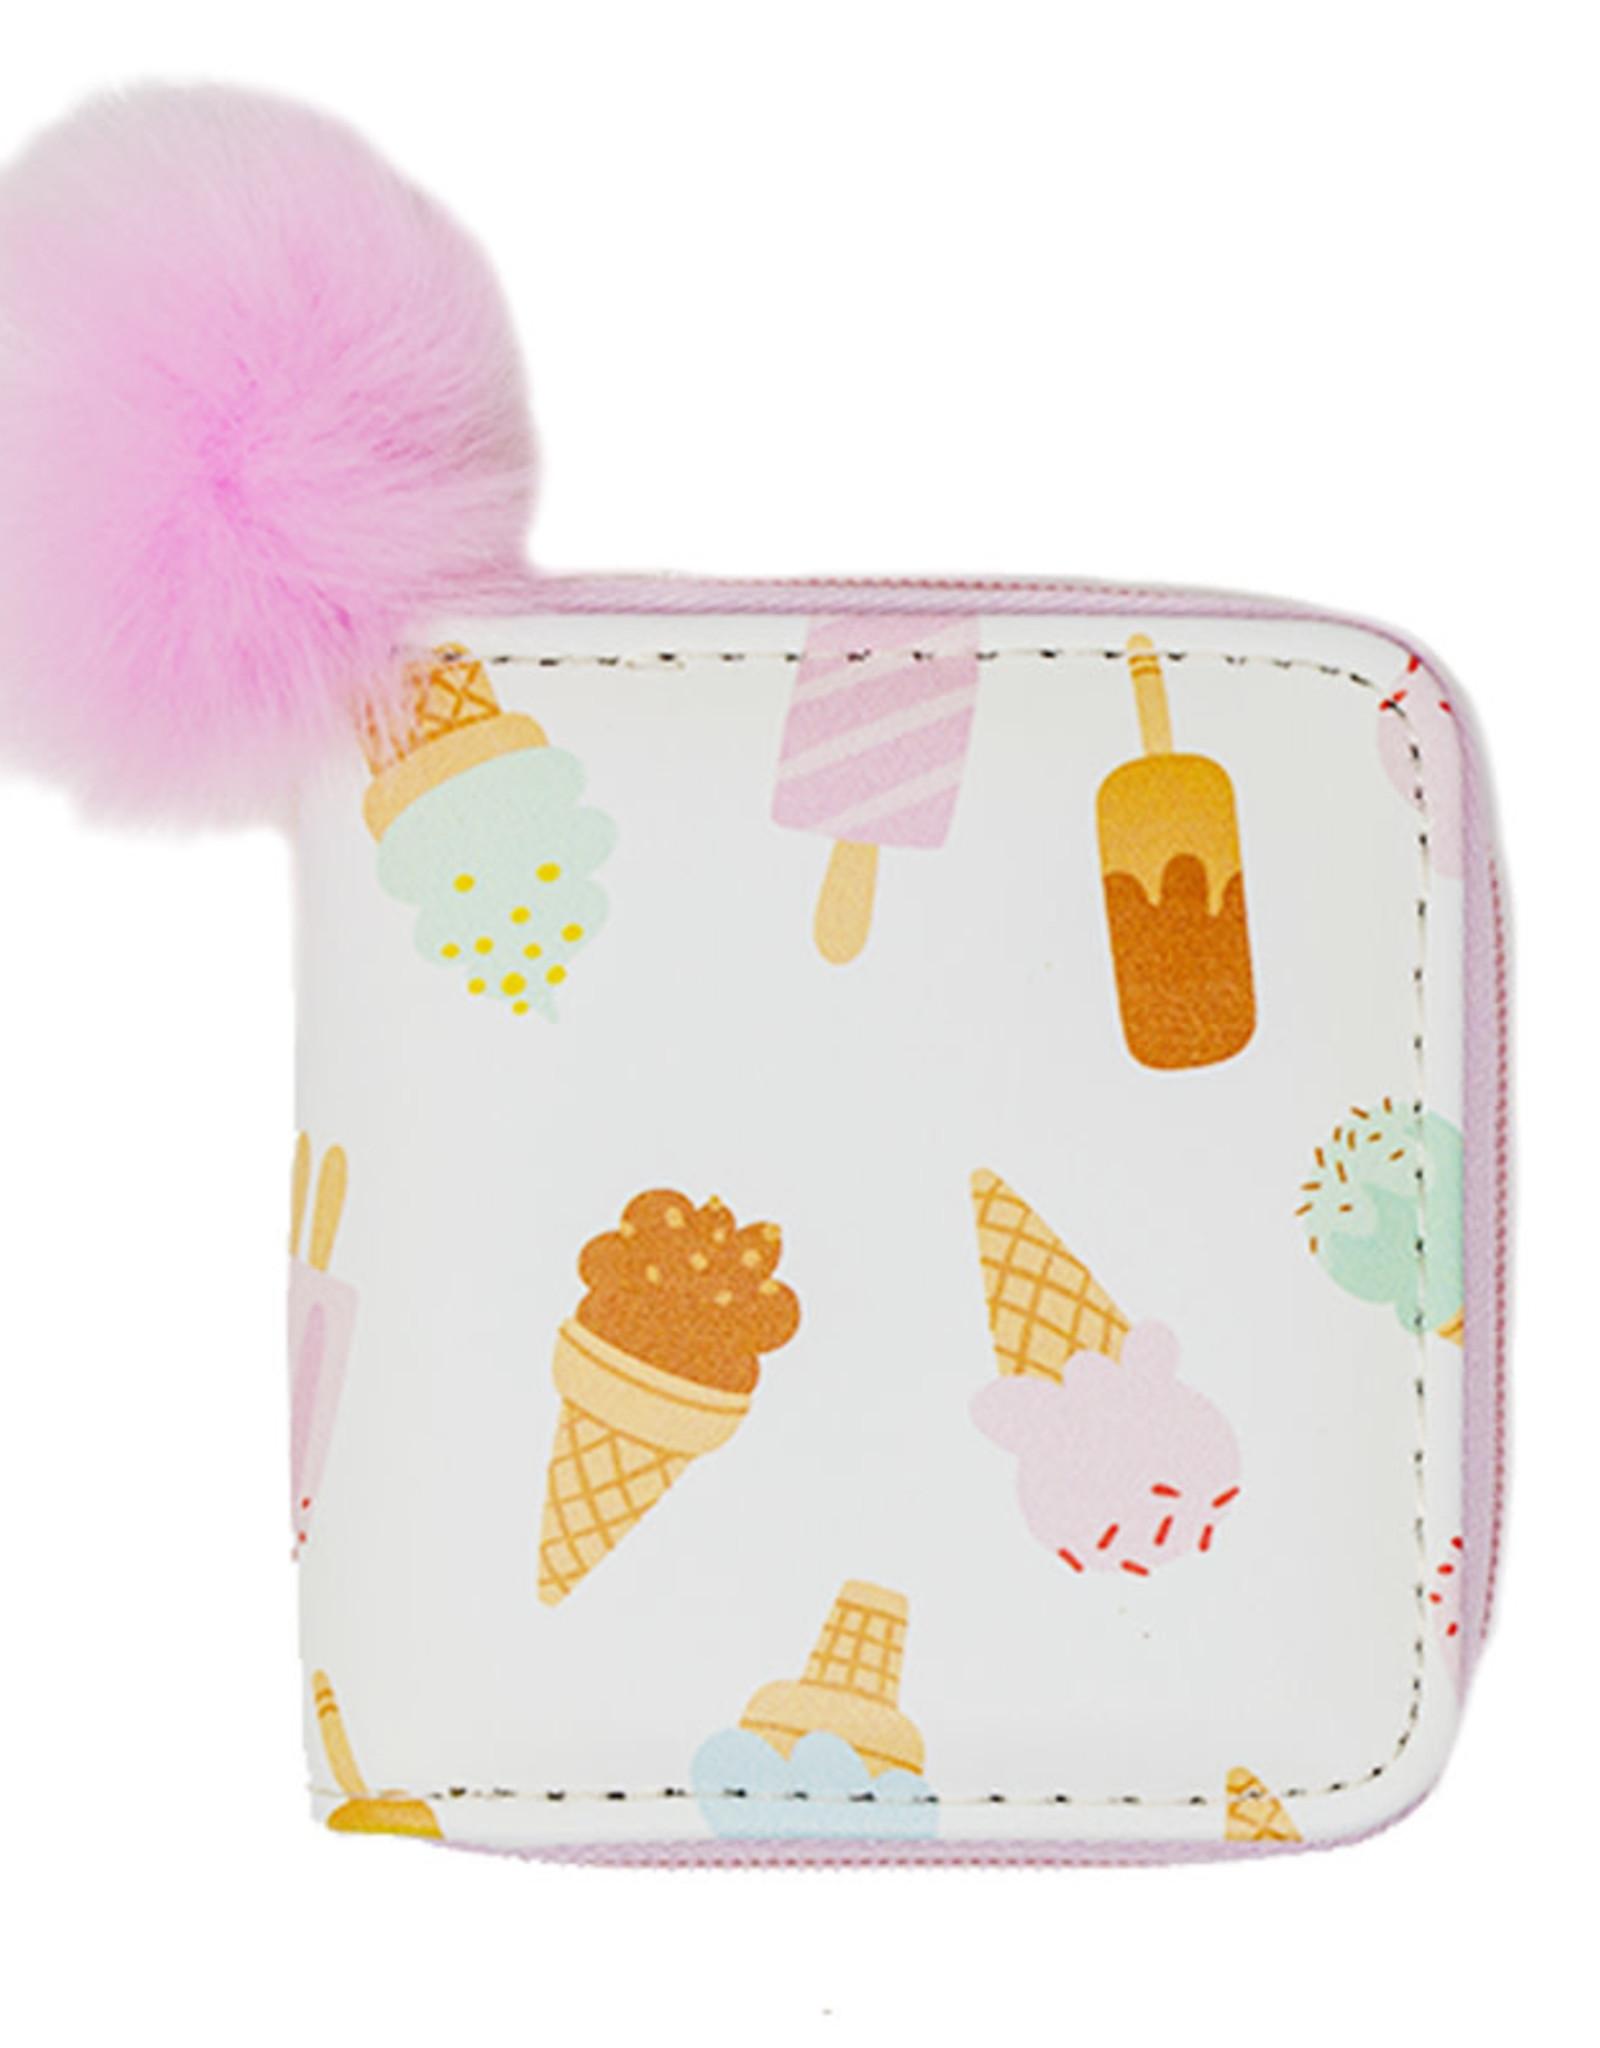 Zomi Gems Ice Cream Wallet